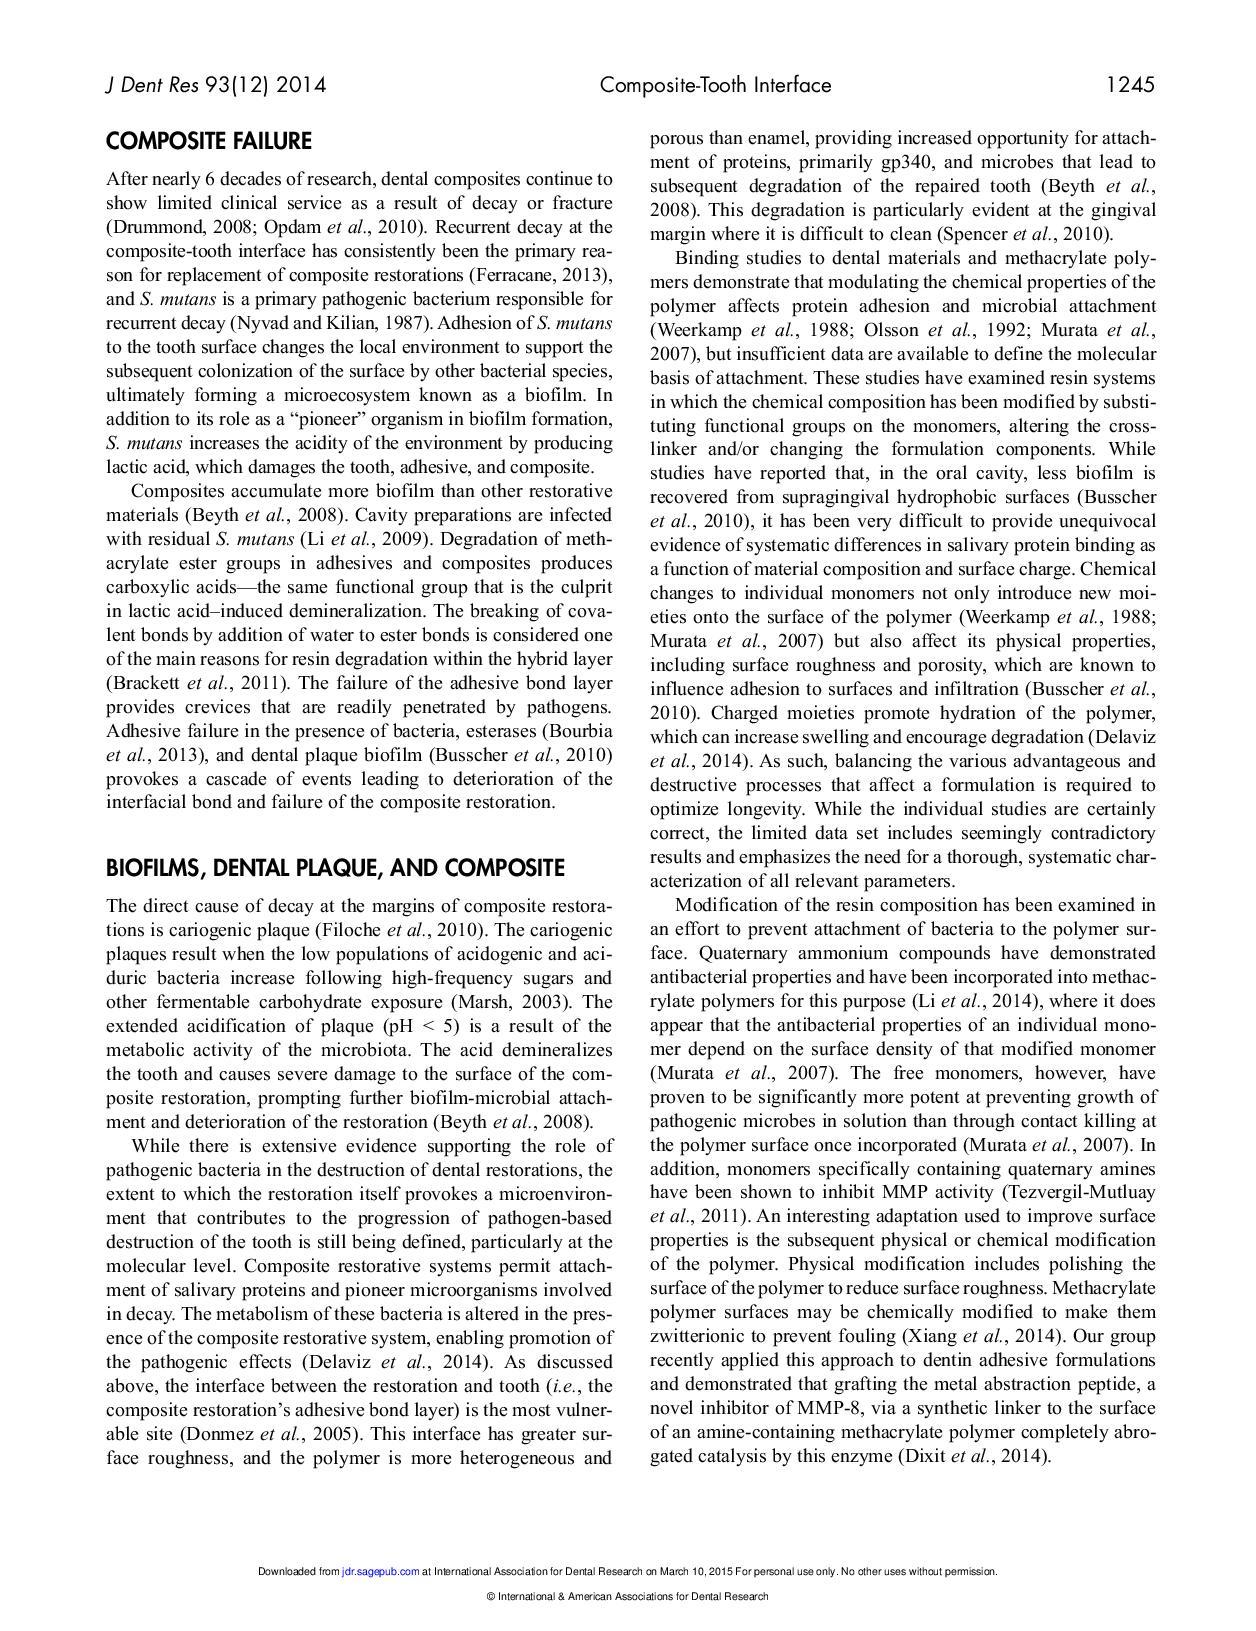 J DENT RES-2014-Spencer-1243-9-page-003